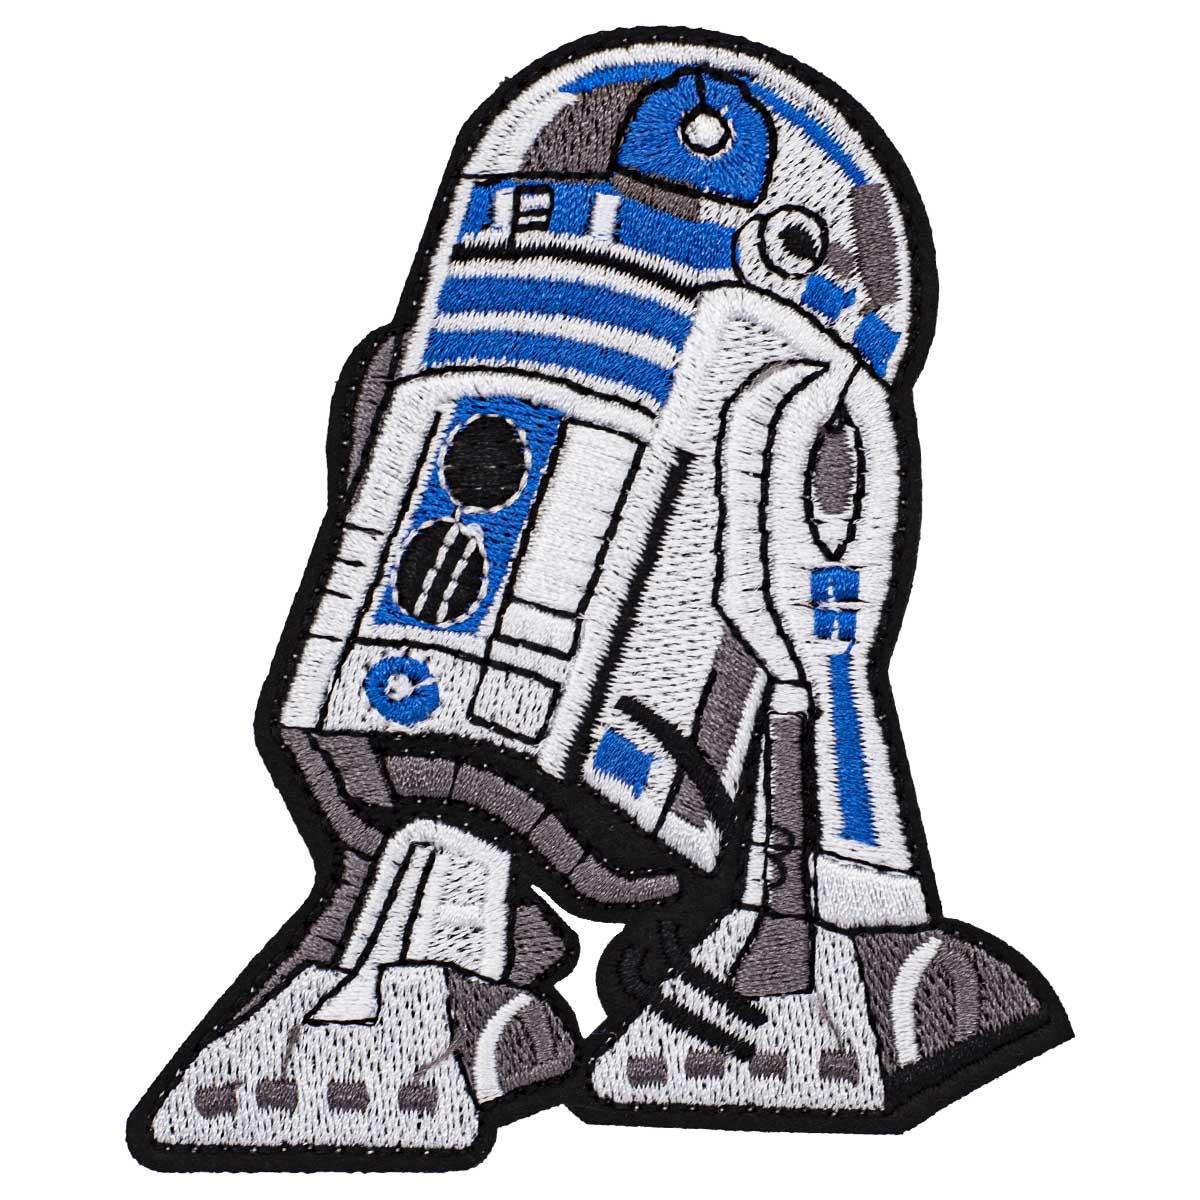 Термоаппликация 'R2-D2', 8.2*9.3см